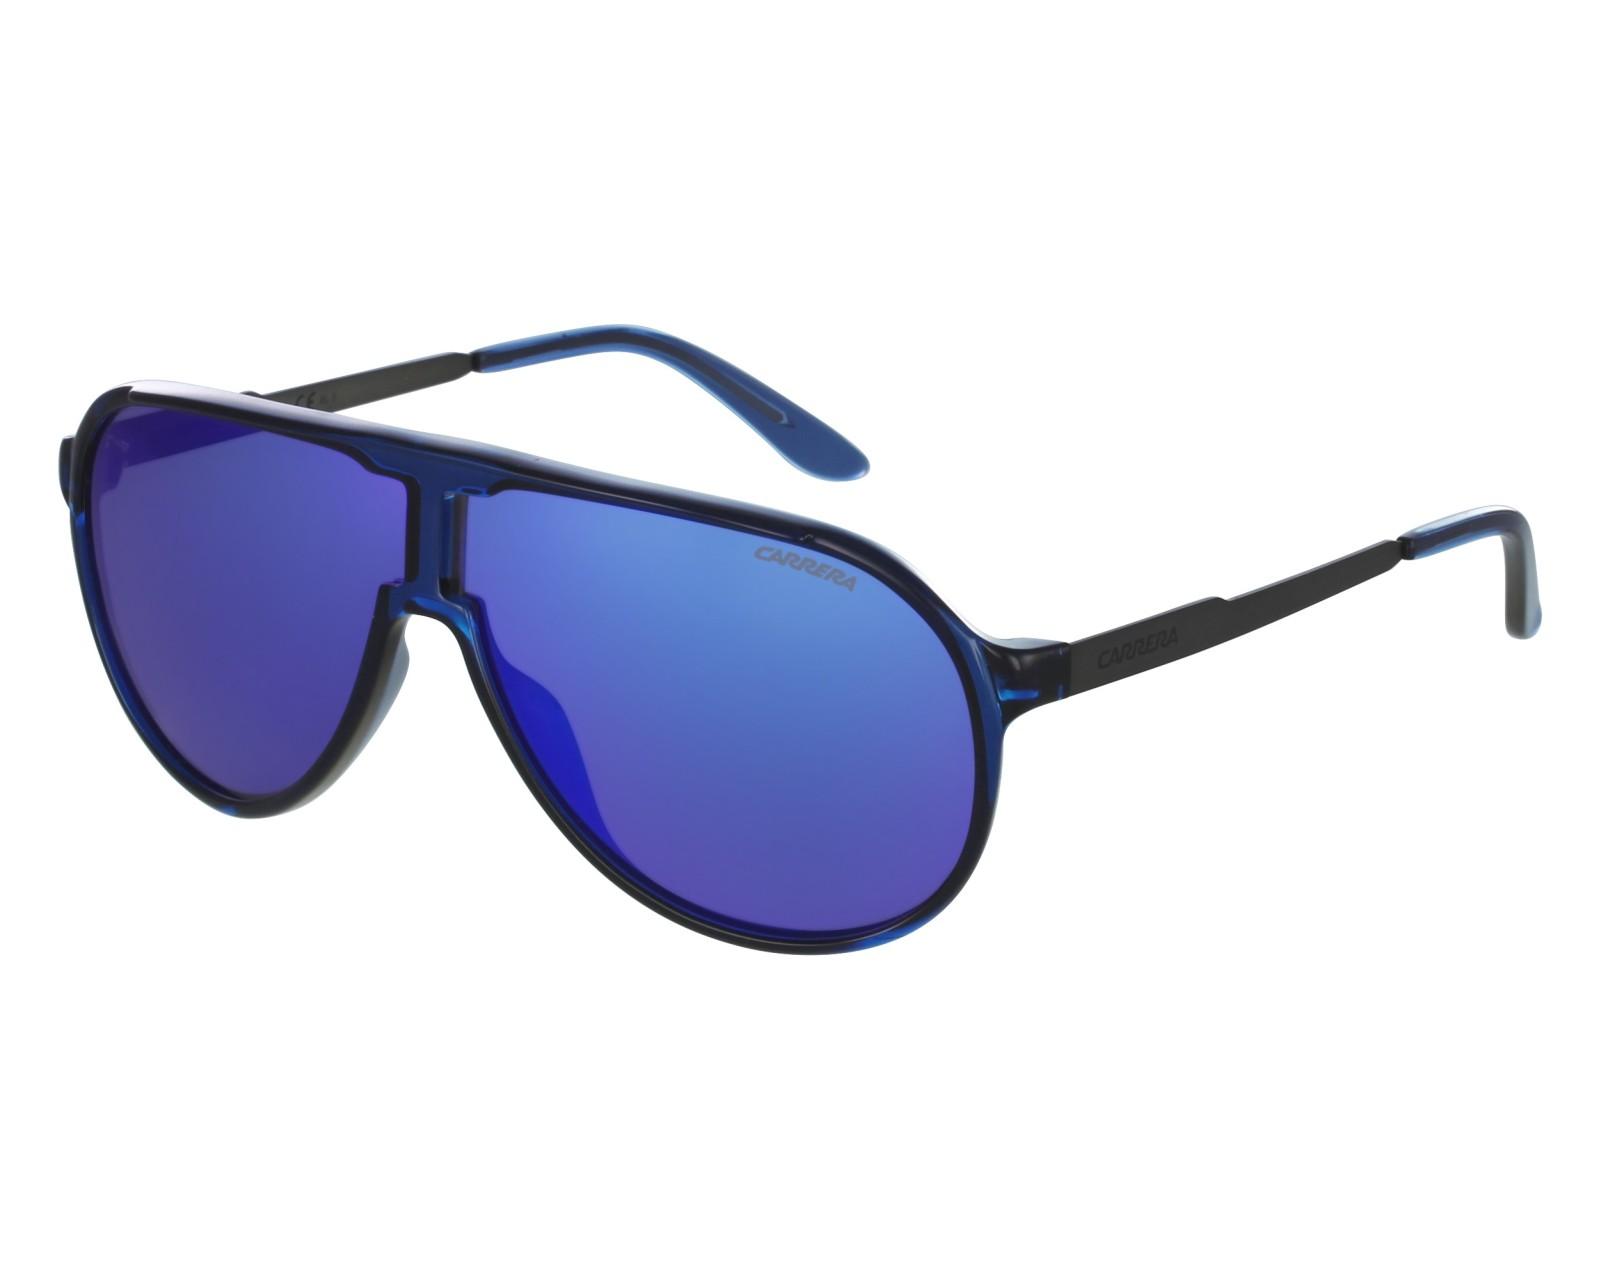 b6161ad1025b39 Lunettes de soleil Carrera New-Champion 8FS Z0 - Bleu Pierre vue de face